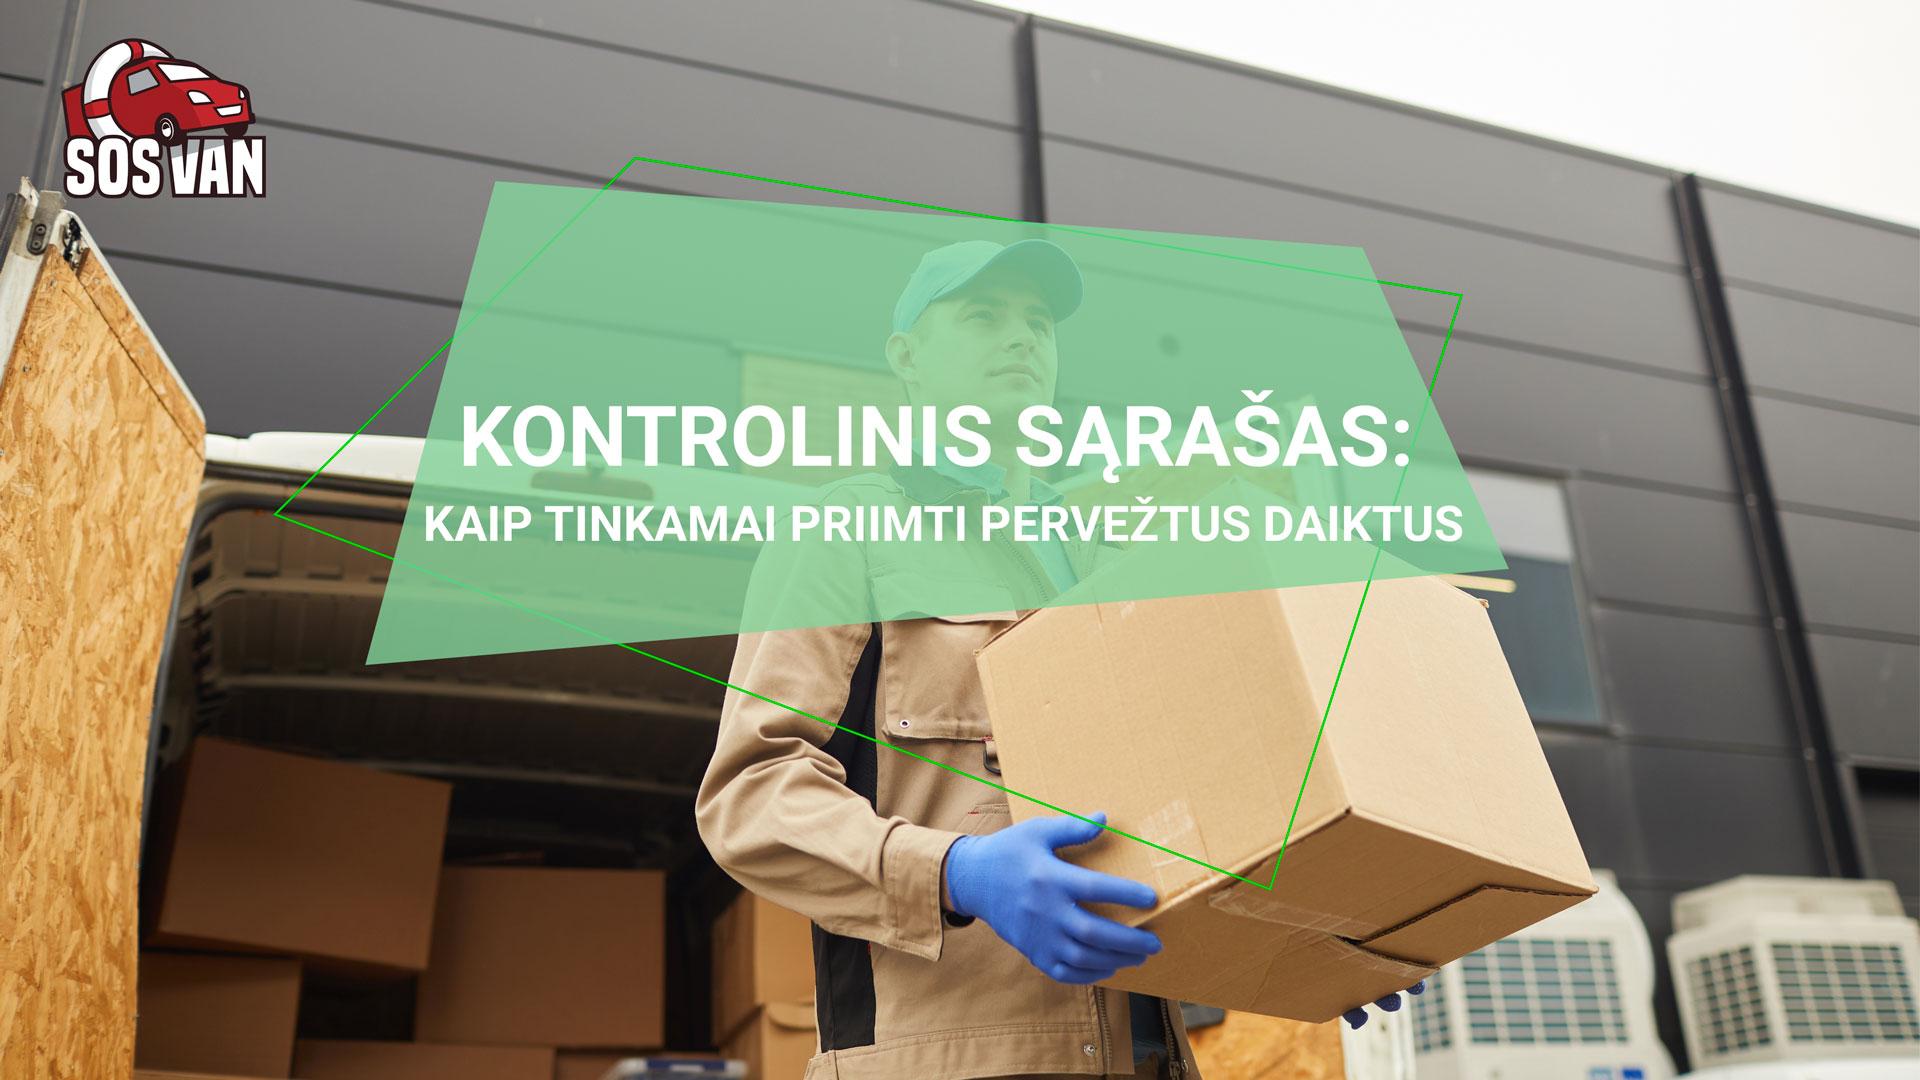 Kontrolinis sąrašas: kaip tinkamai priimti pervežtus daiktus  | Siuntų pervežimas ne tik Lietuvoje - SOSAVAN